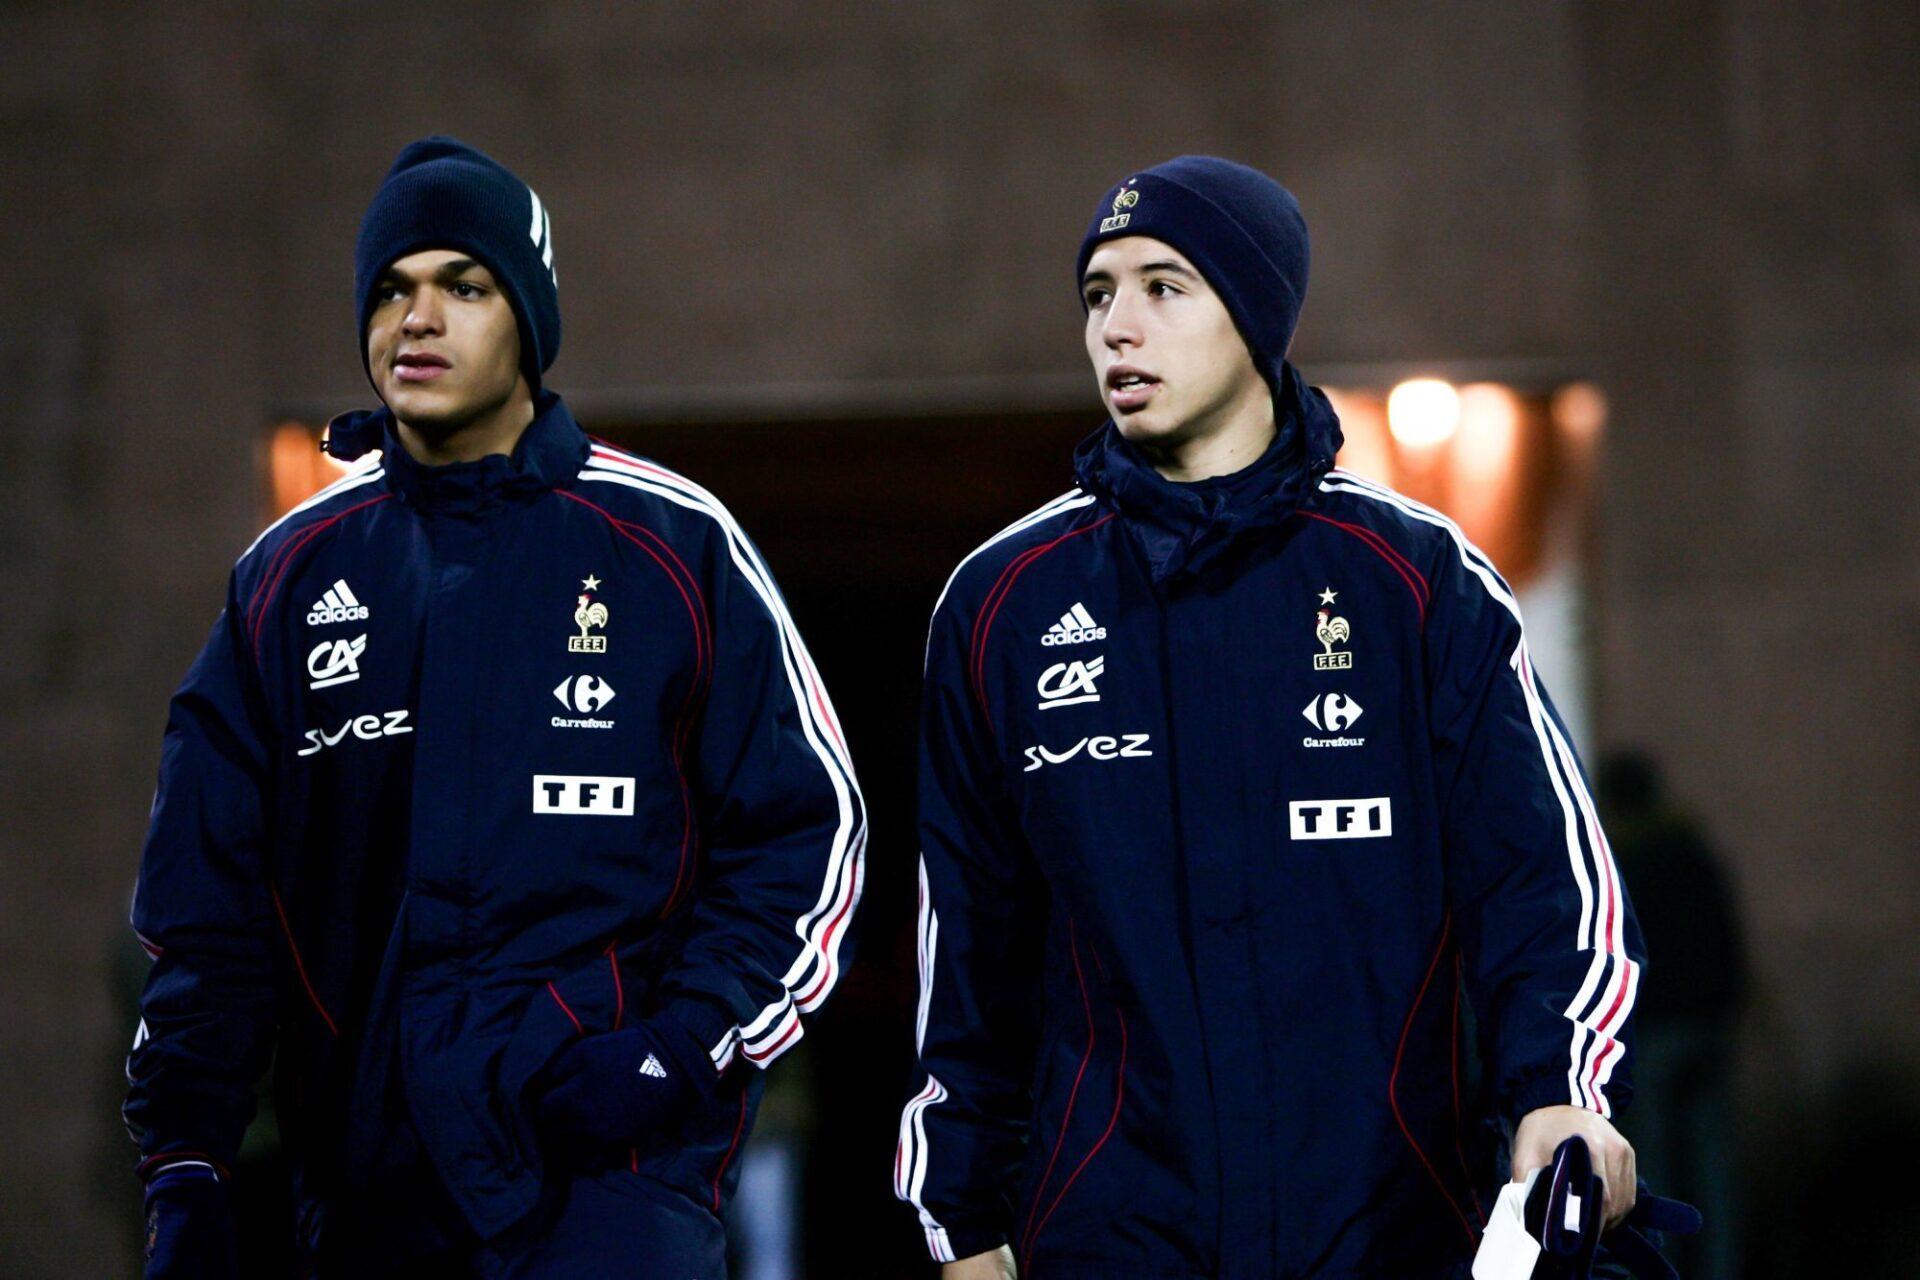 Hatem Ben Arfa et Samir Nasri en 2007, pour leurs débuts en équipe de France. Icon Sport